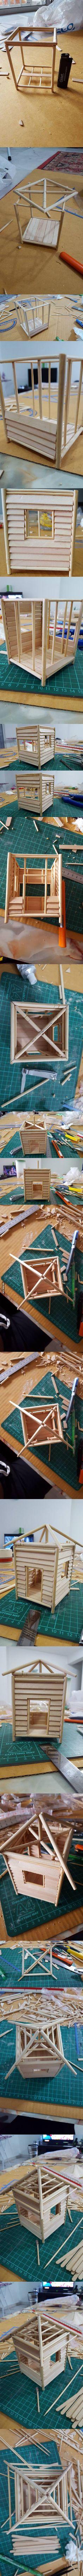 Step by Step to Make a Mini Beach Hut Part 1